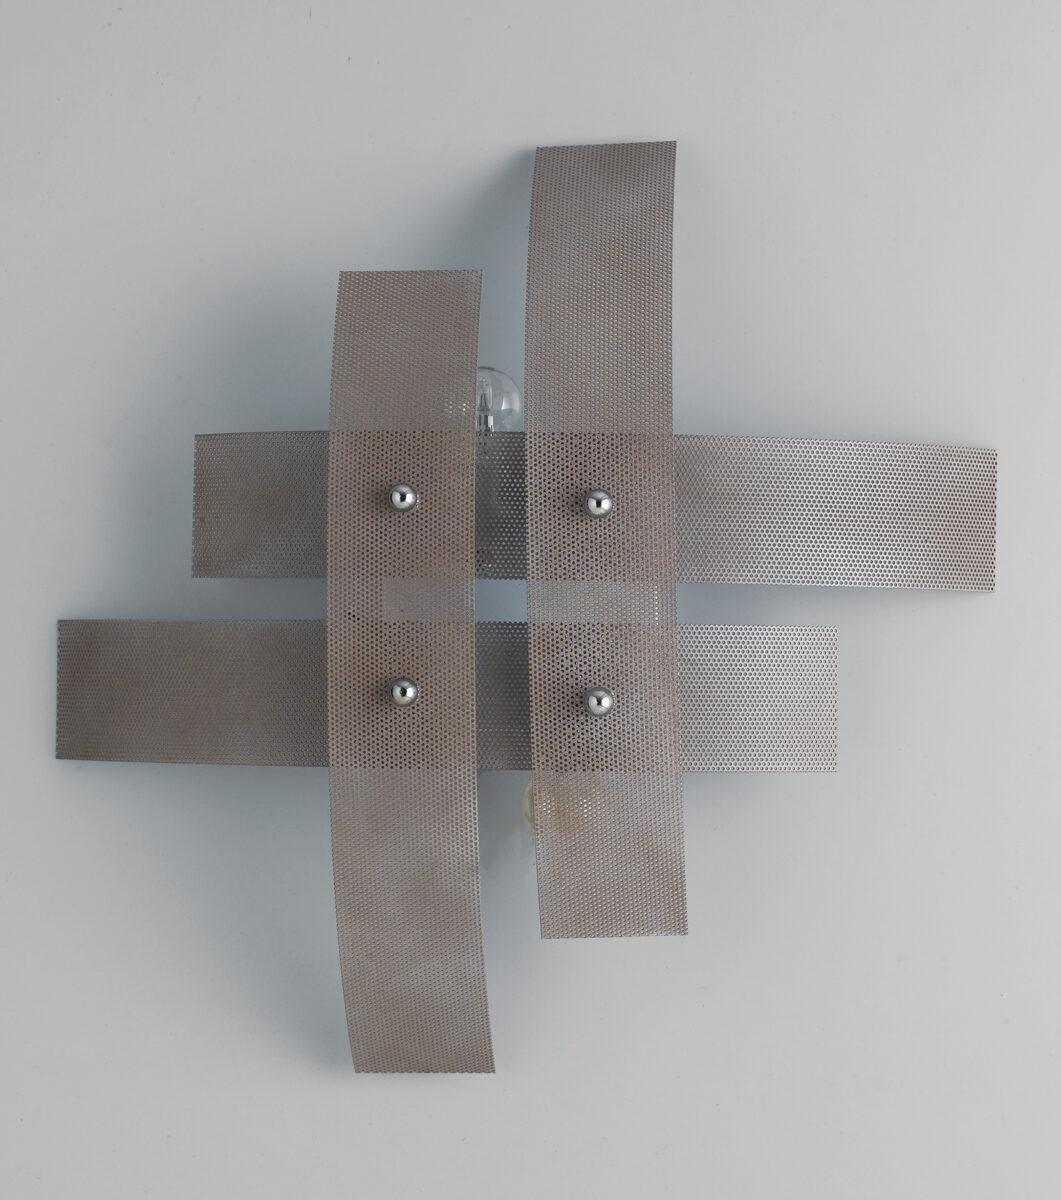 Plafoniera moderna 4 luci tortora la luce del futuro for Plafoniera moderna